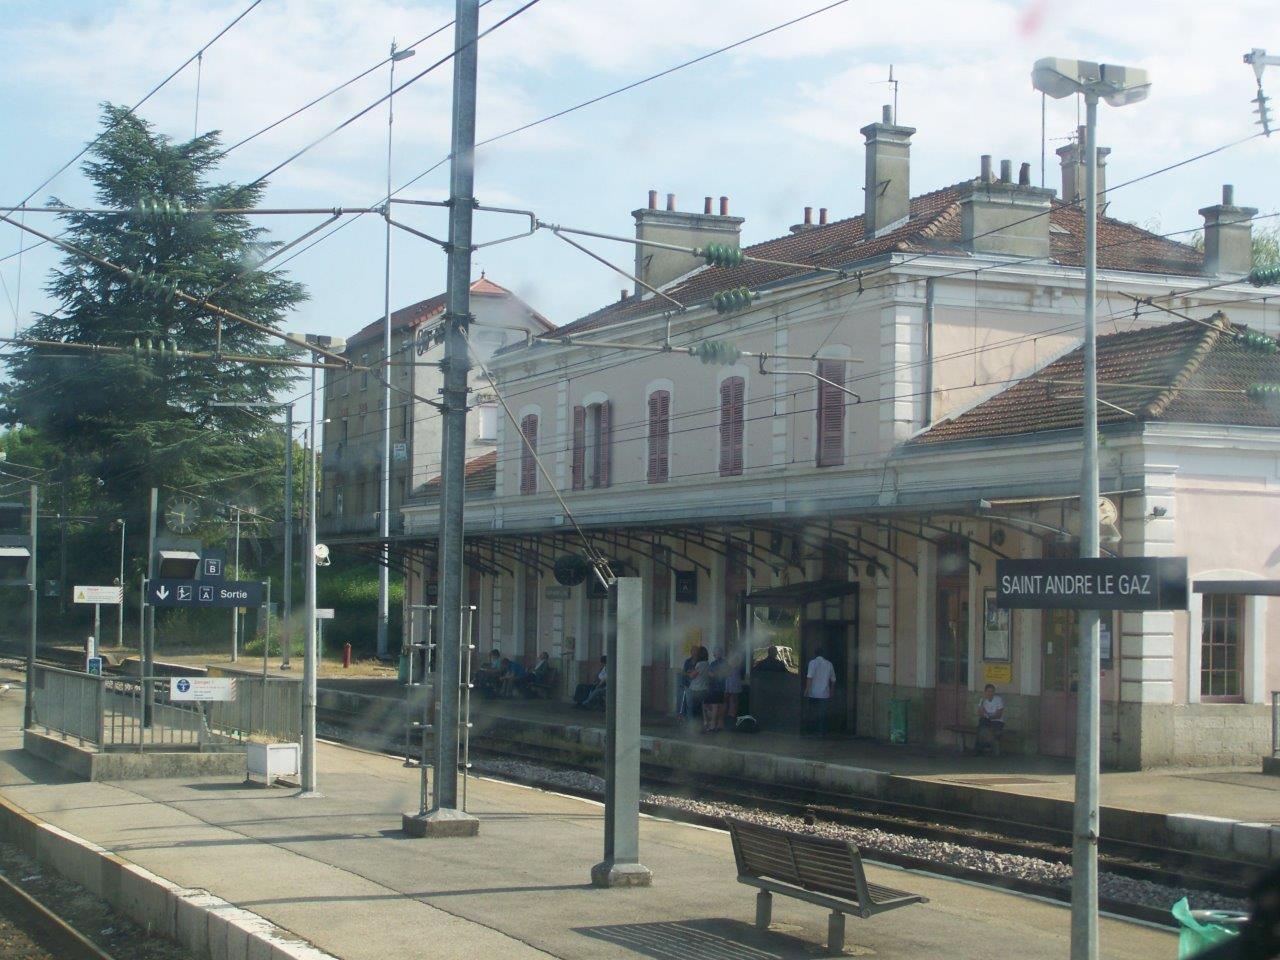 gare-de-saint-andre-le-gaz-train-station